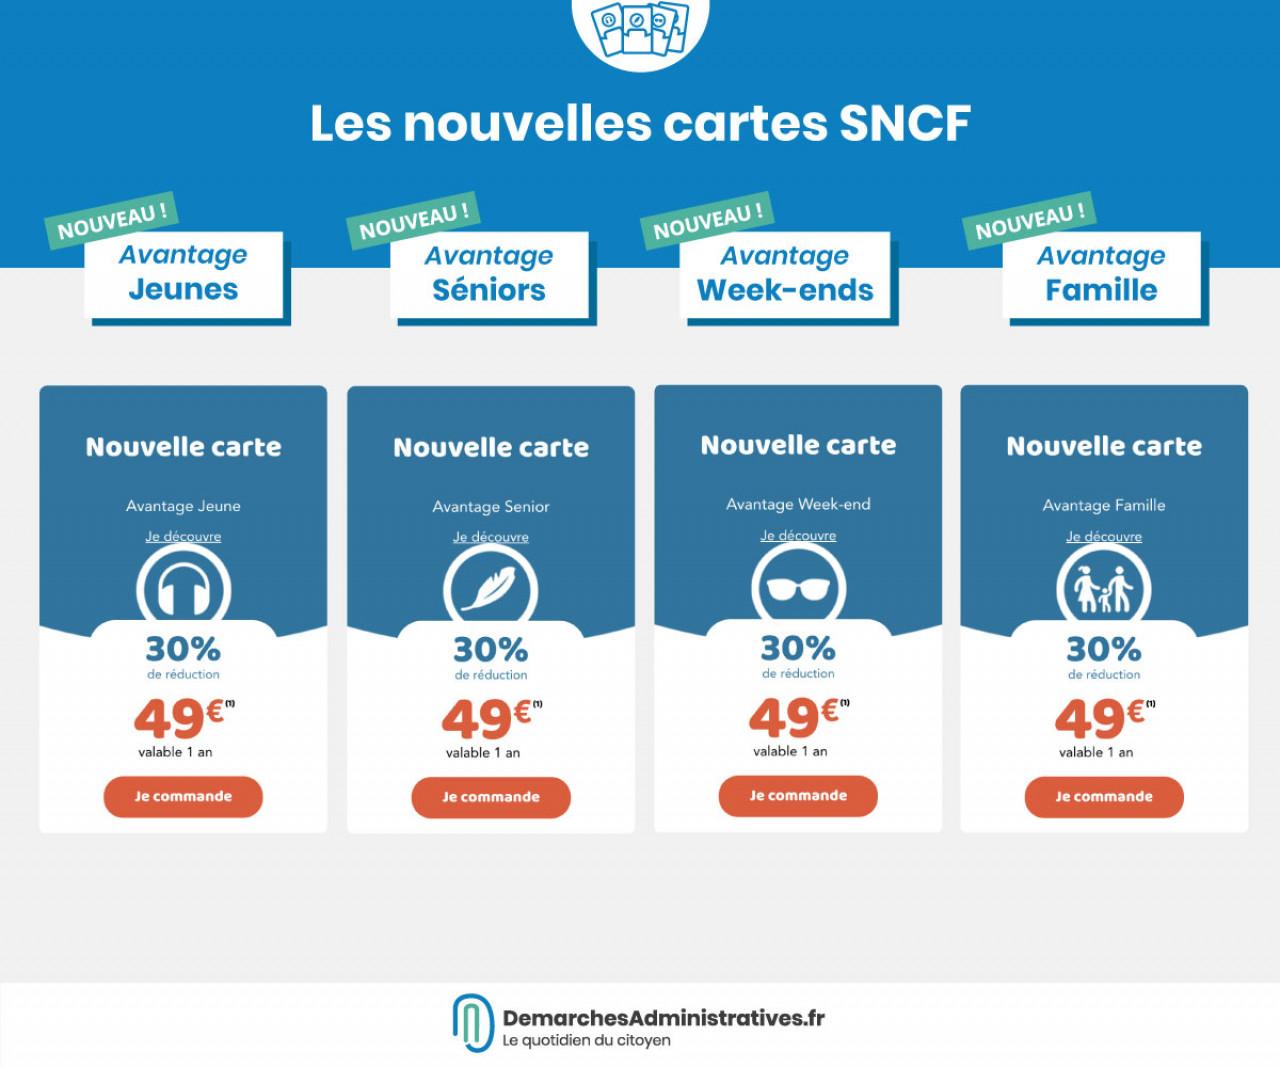 carte reduction sncf senior Nouveaux tarifs et cartes SNCF 2019